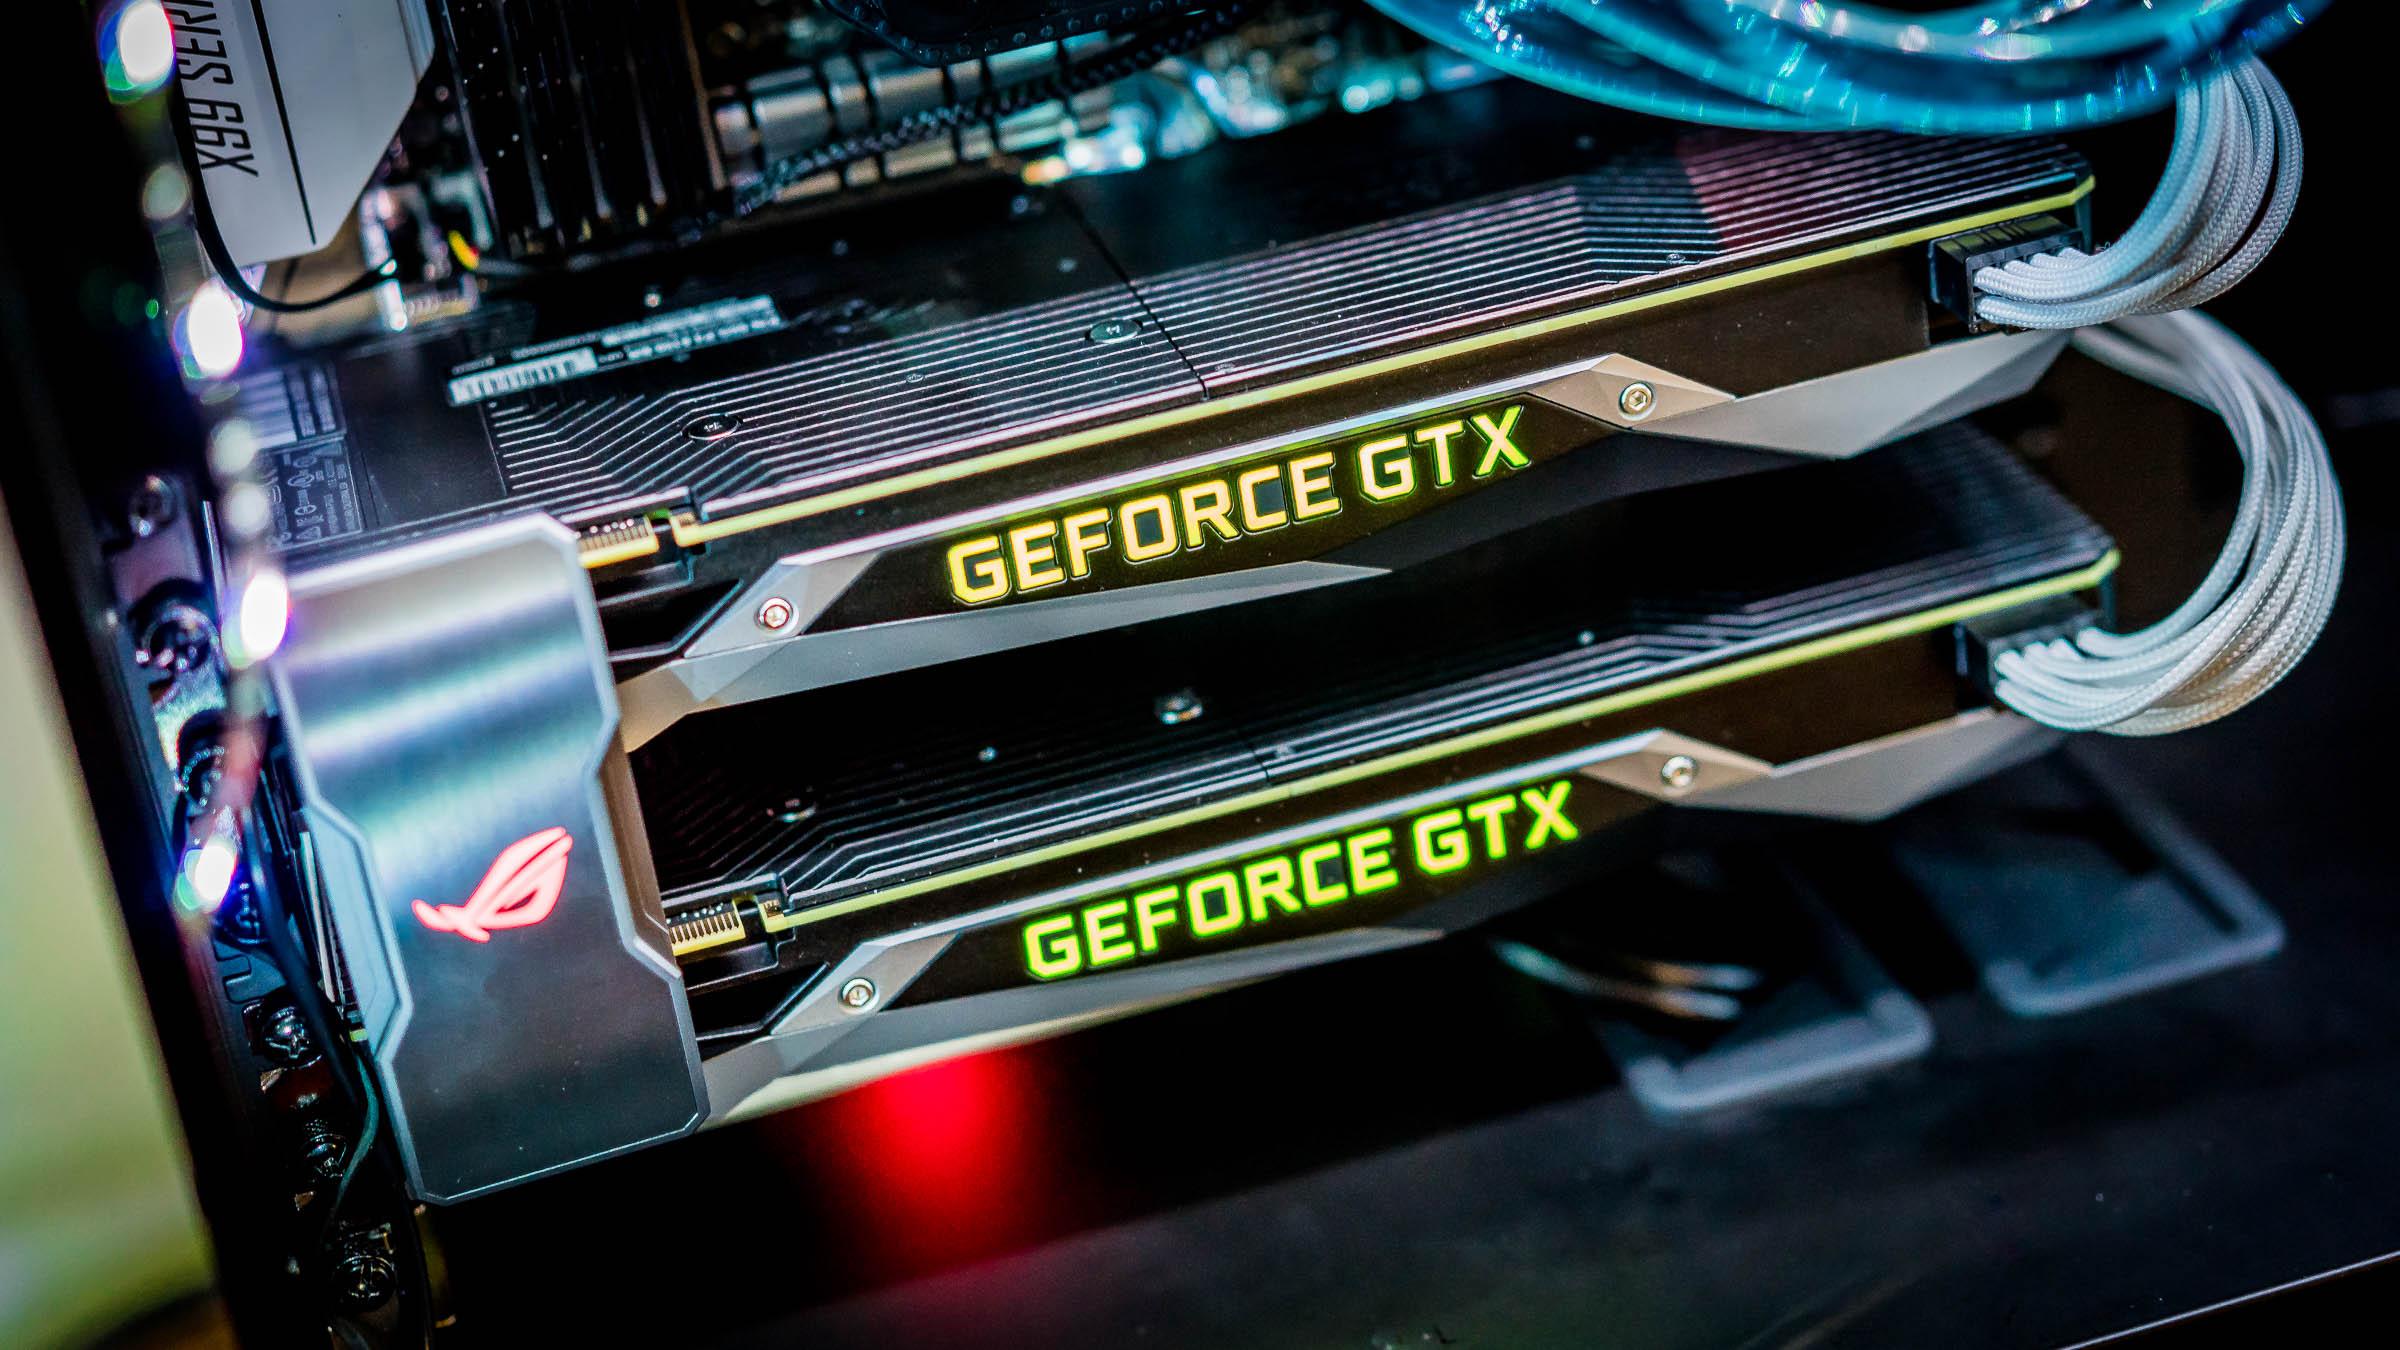 File:Két Nvidia GTX 1080 SLI-ban jpg - Wikimedia Commons